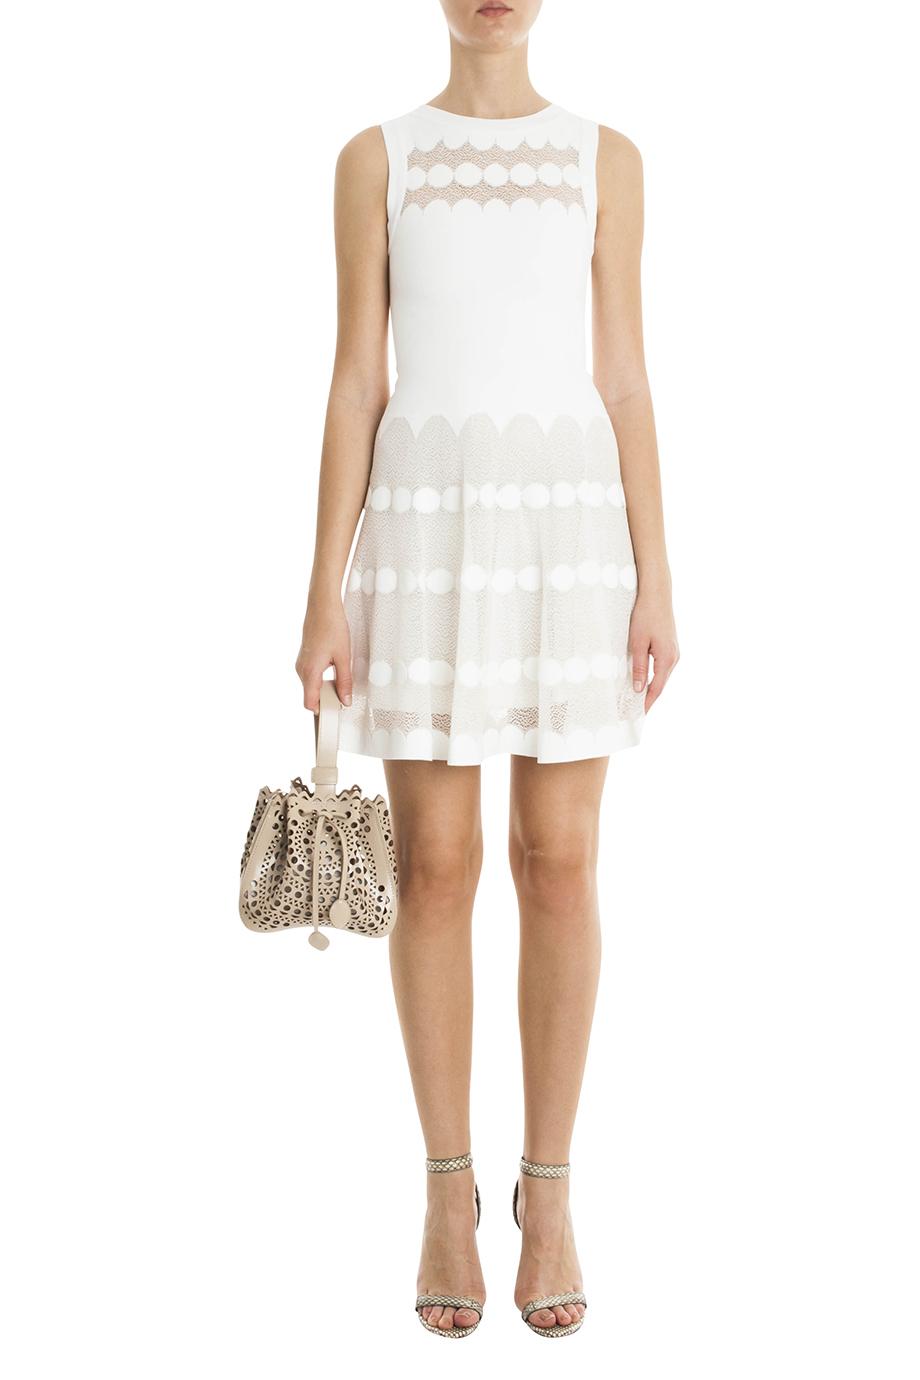 Alaïa Polka Dot Dress in White